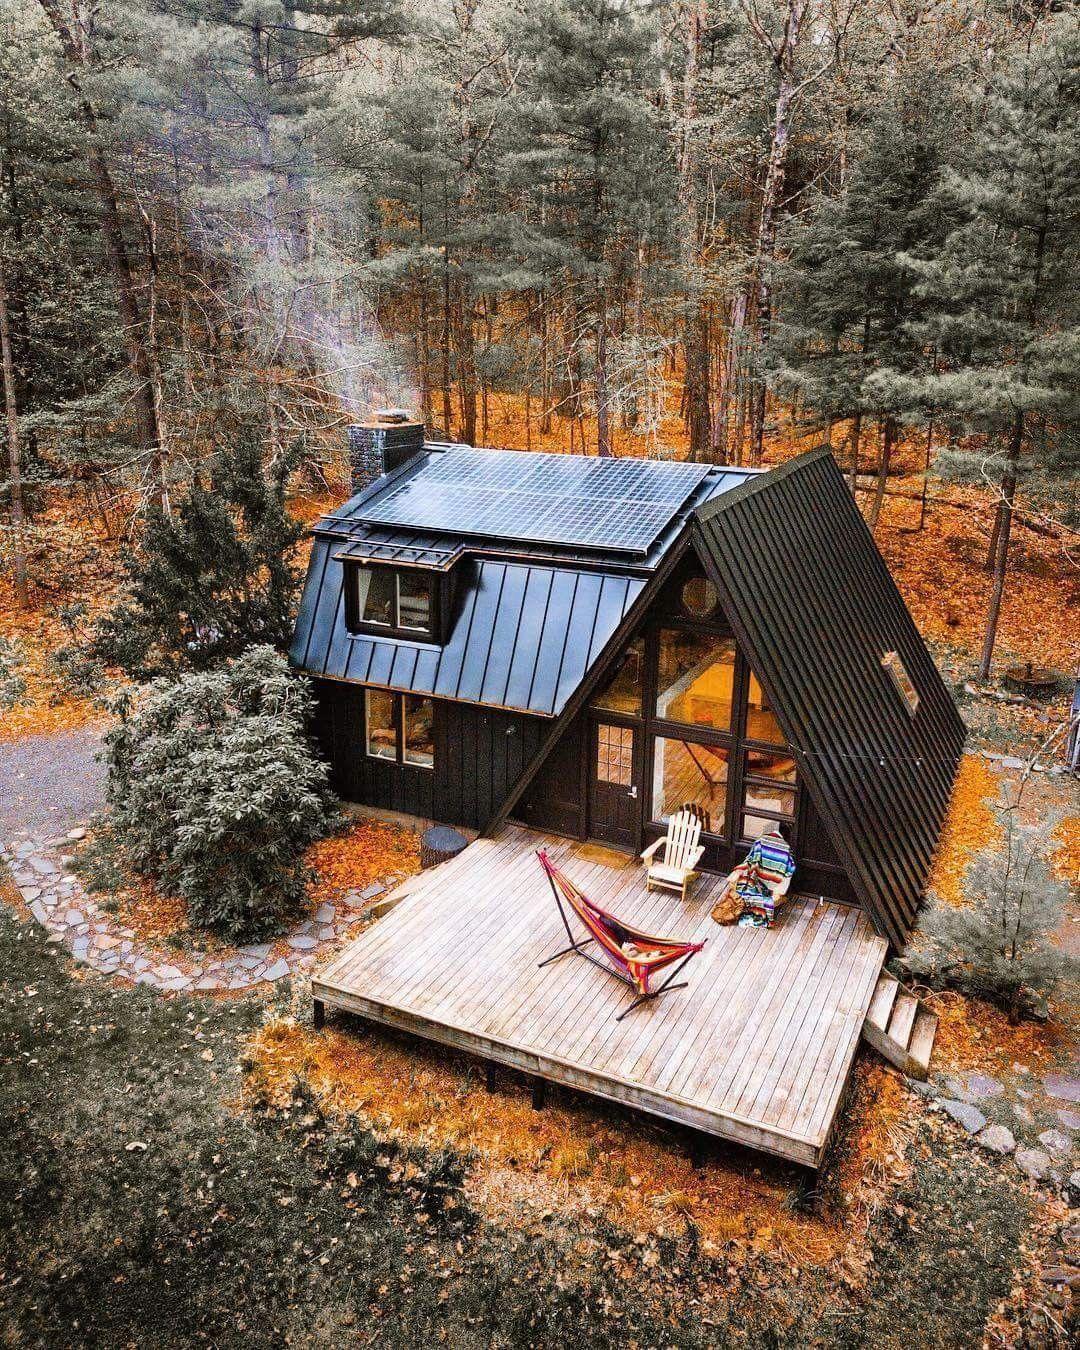 Solar A Frame Tiny House Design A Frame House Small House